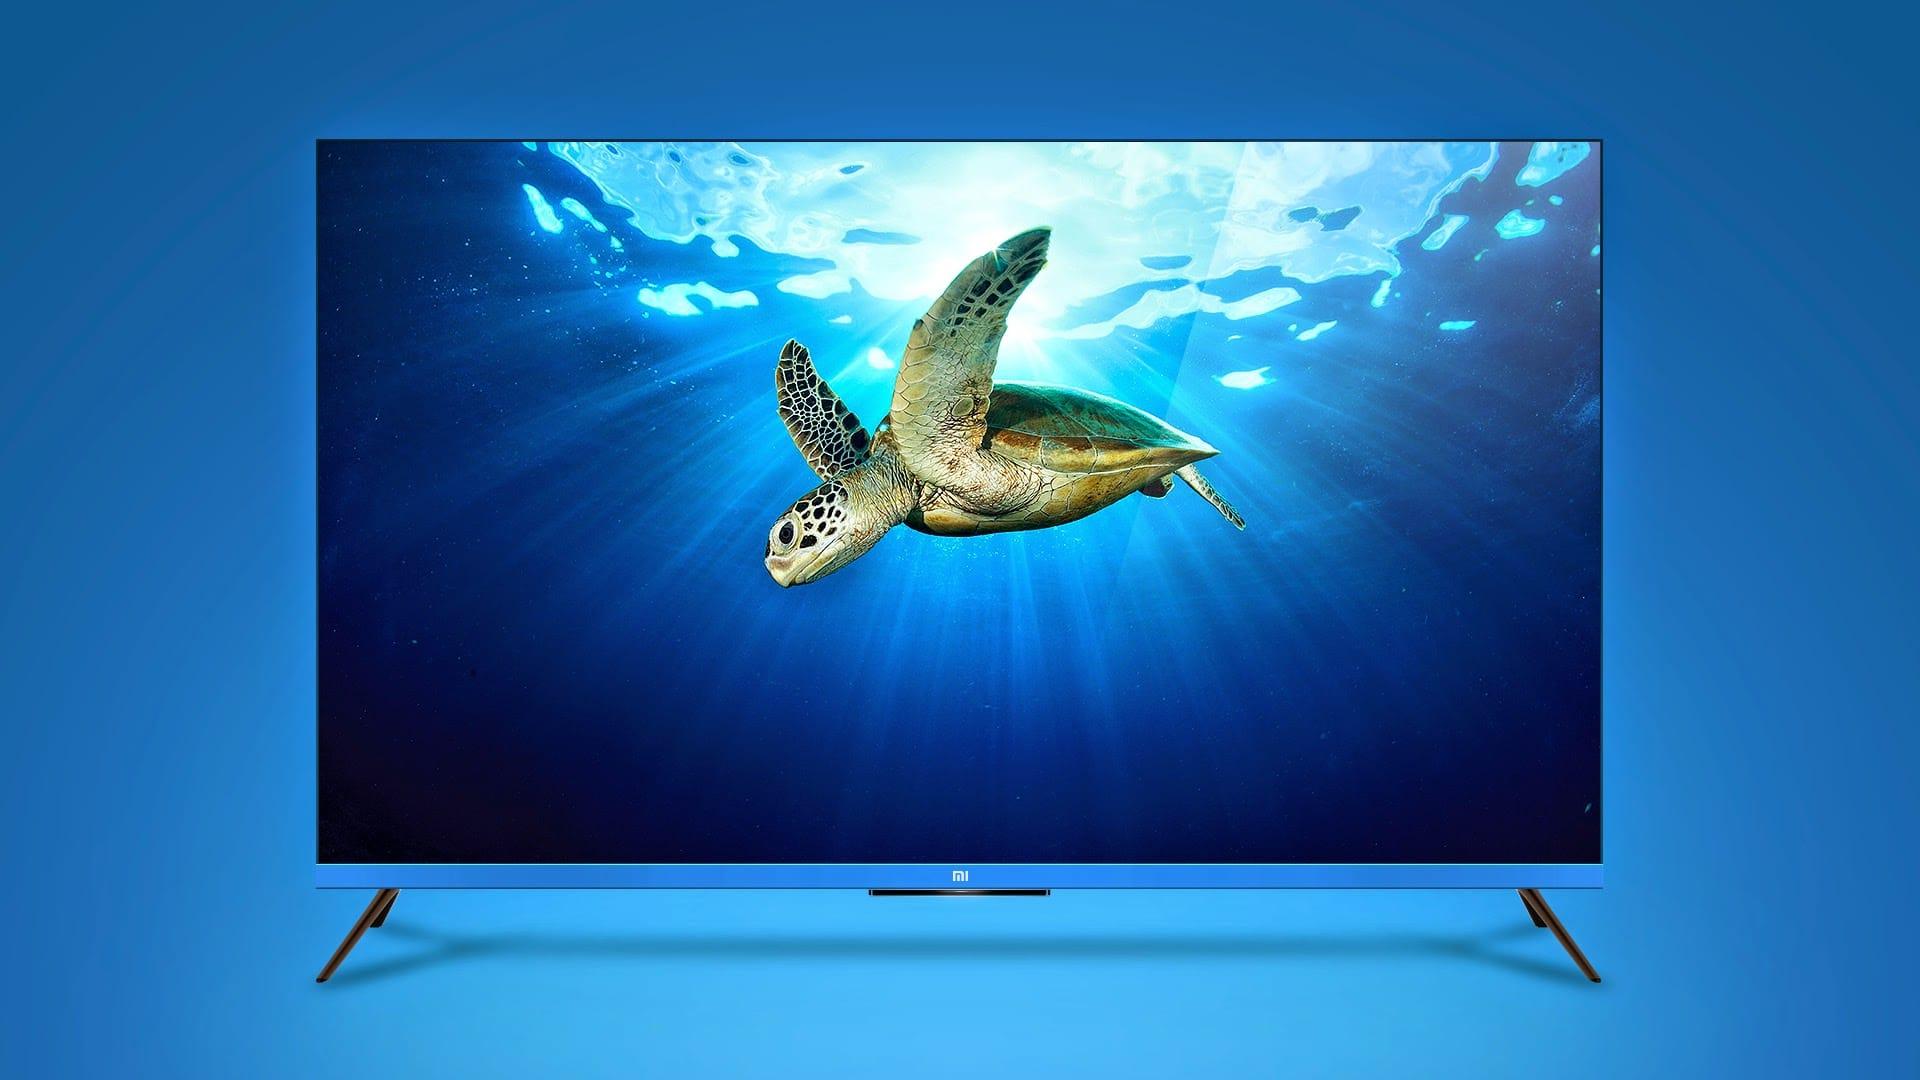 Xiaomi сильно обрушила стоимость телевизора Mi TV 4A